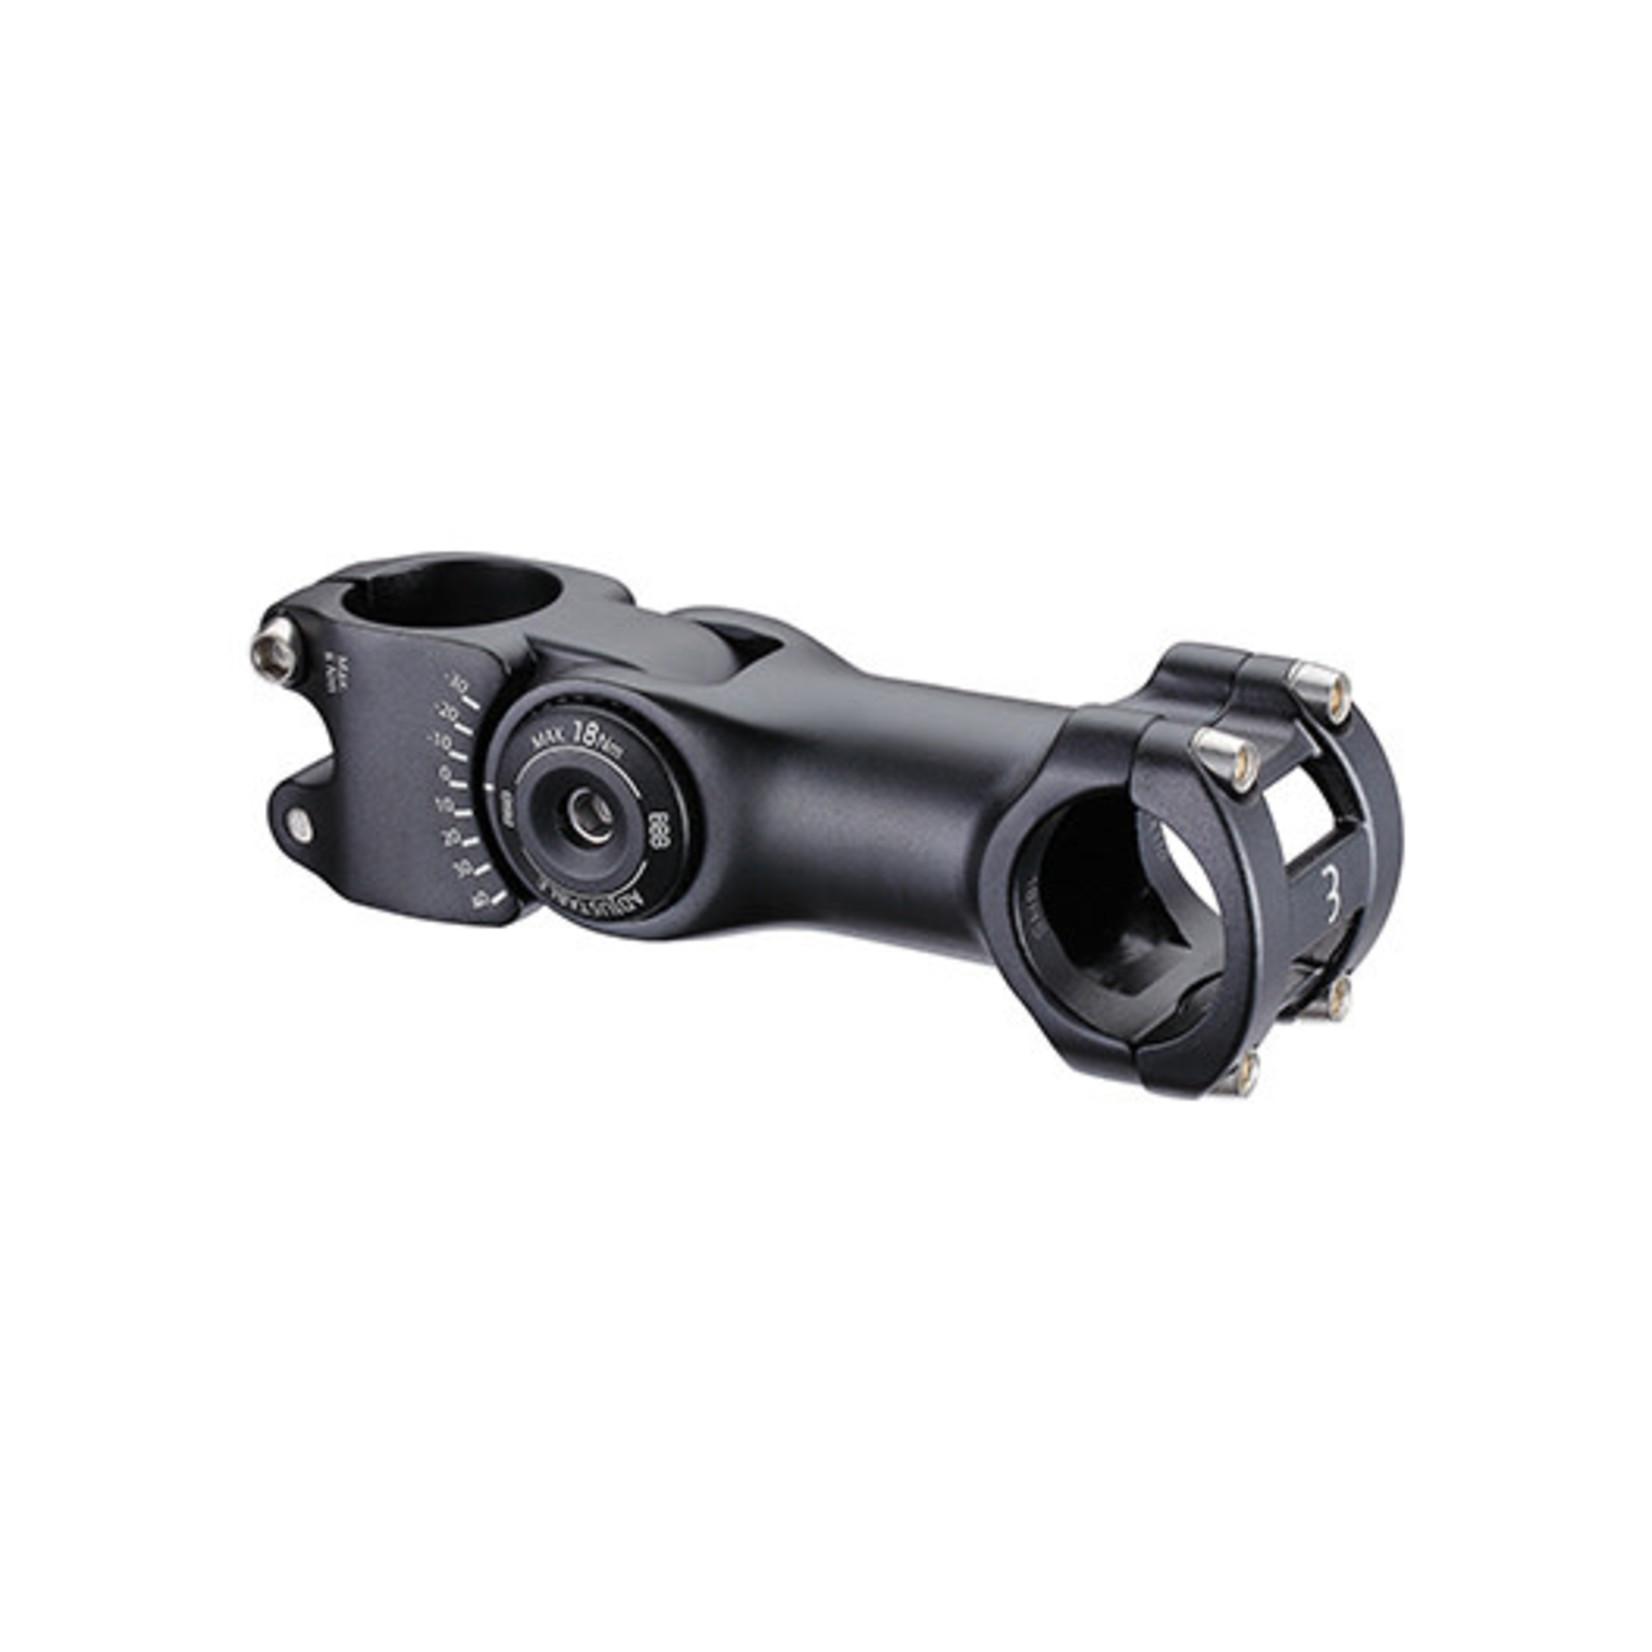 BBB BBB Vorbau regolabile  110mm 31.8mm (+40º/-40º) nera